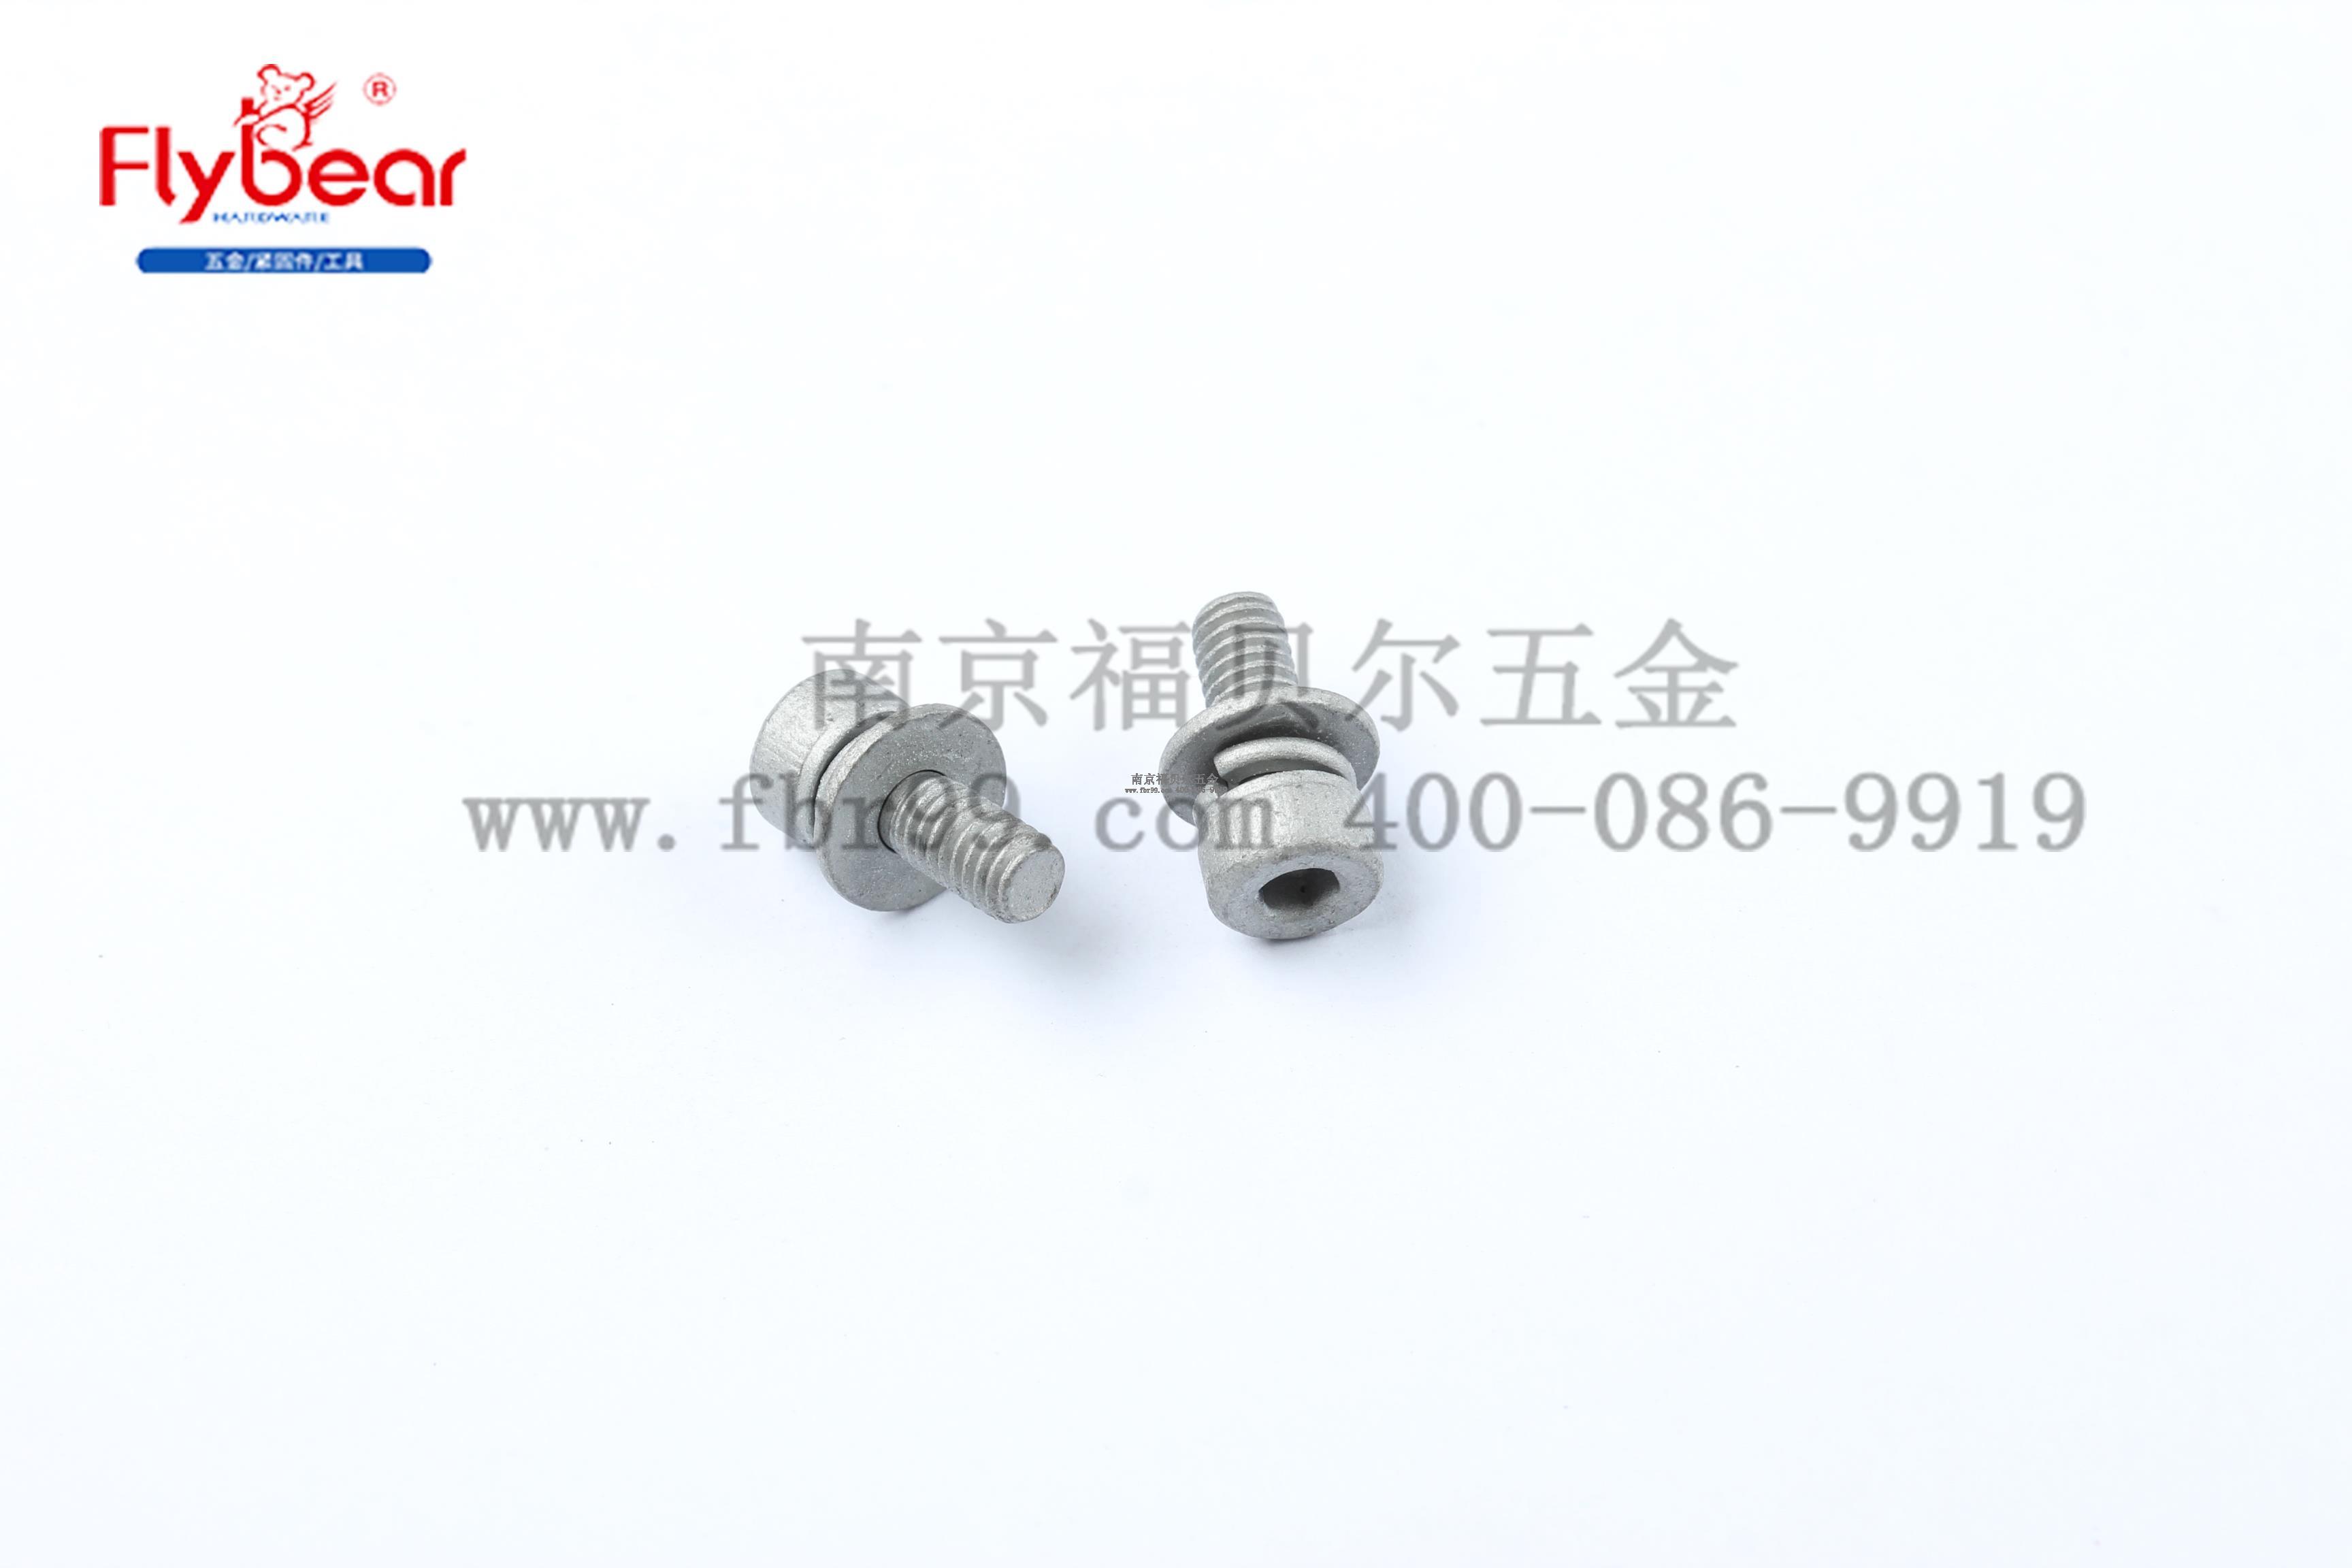 碳钢8.8级镀环保达克罗720H内六角不滚花圆柱头带平、弹垫组合螺